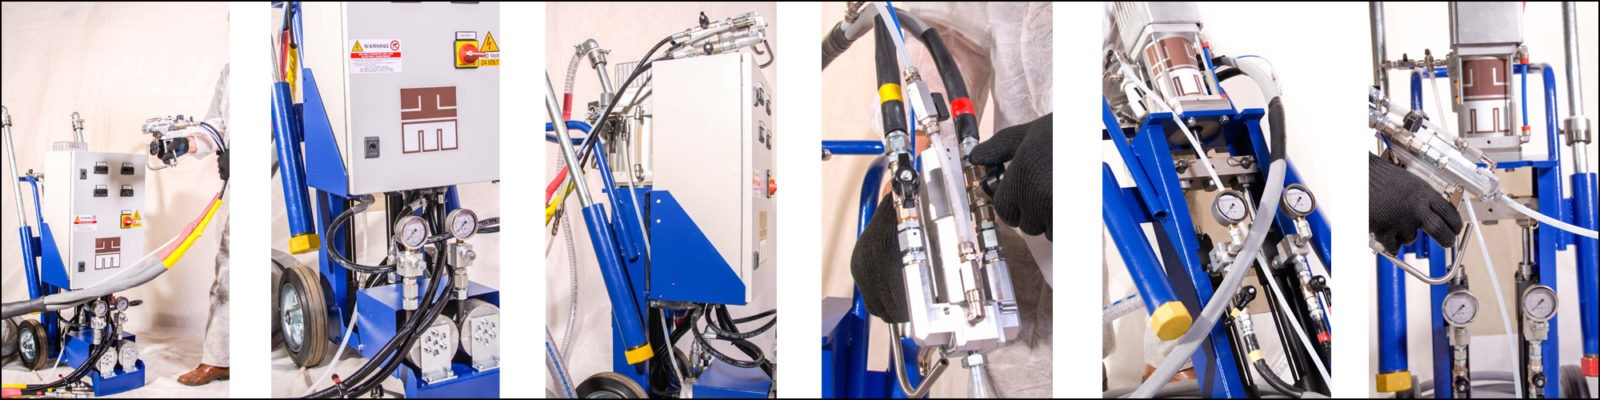 Установки высокого давления graco isoltec gamma PROton Evolution 4pu ppu gge производители